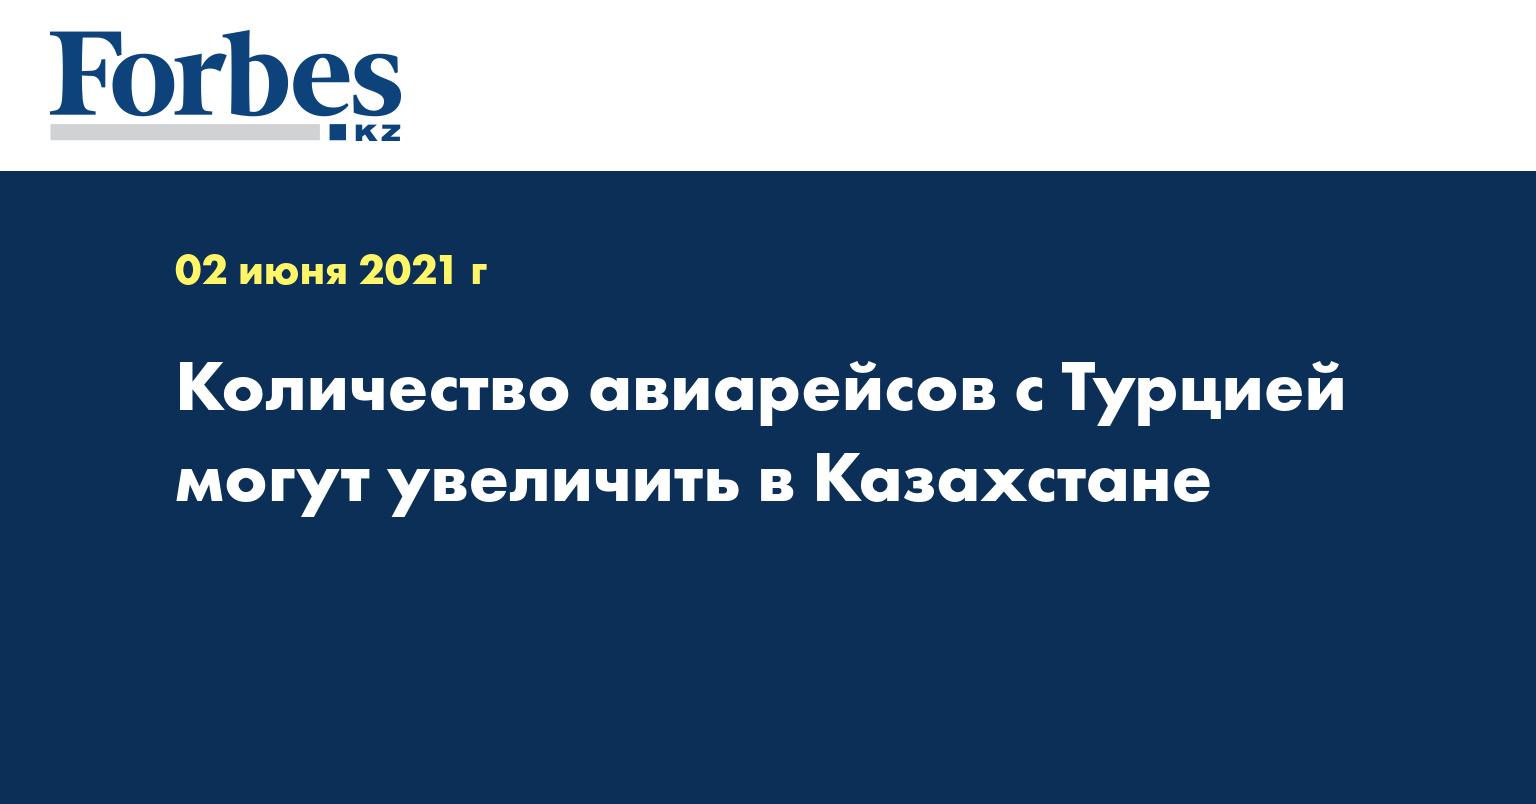 Количество авиарейсов с Турцией могут увеличить в Казахстане